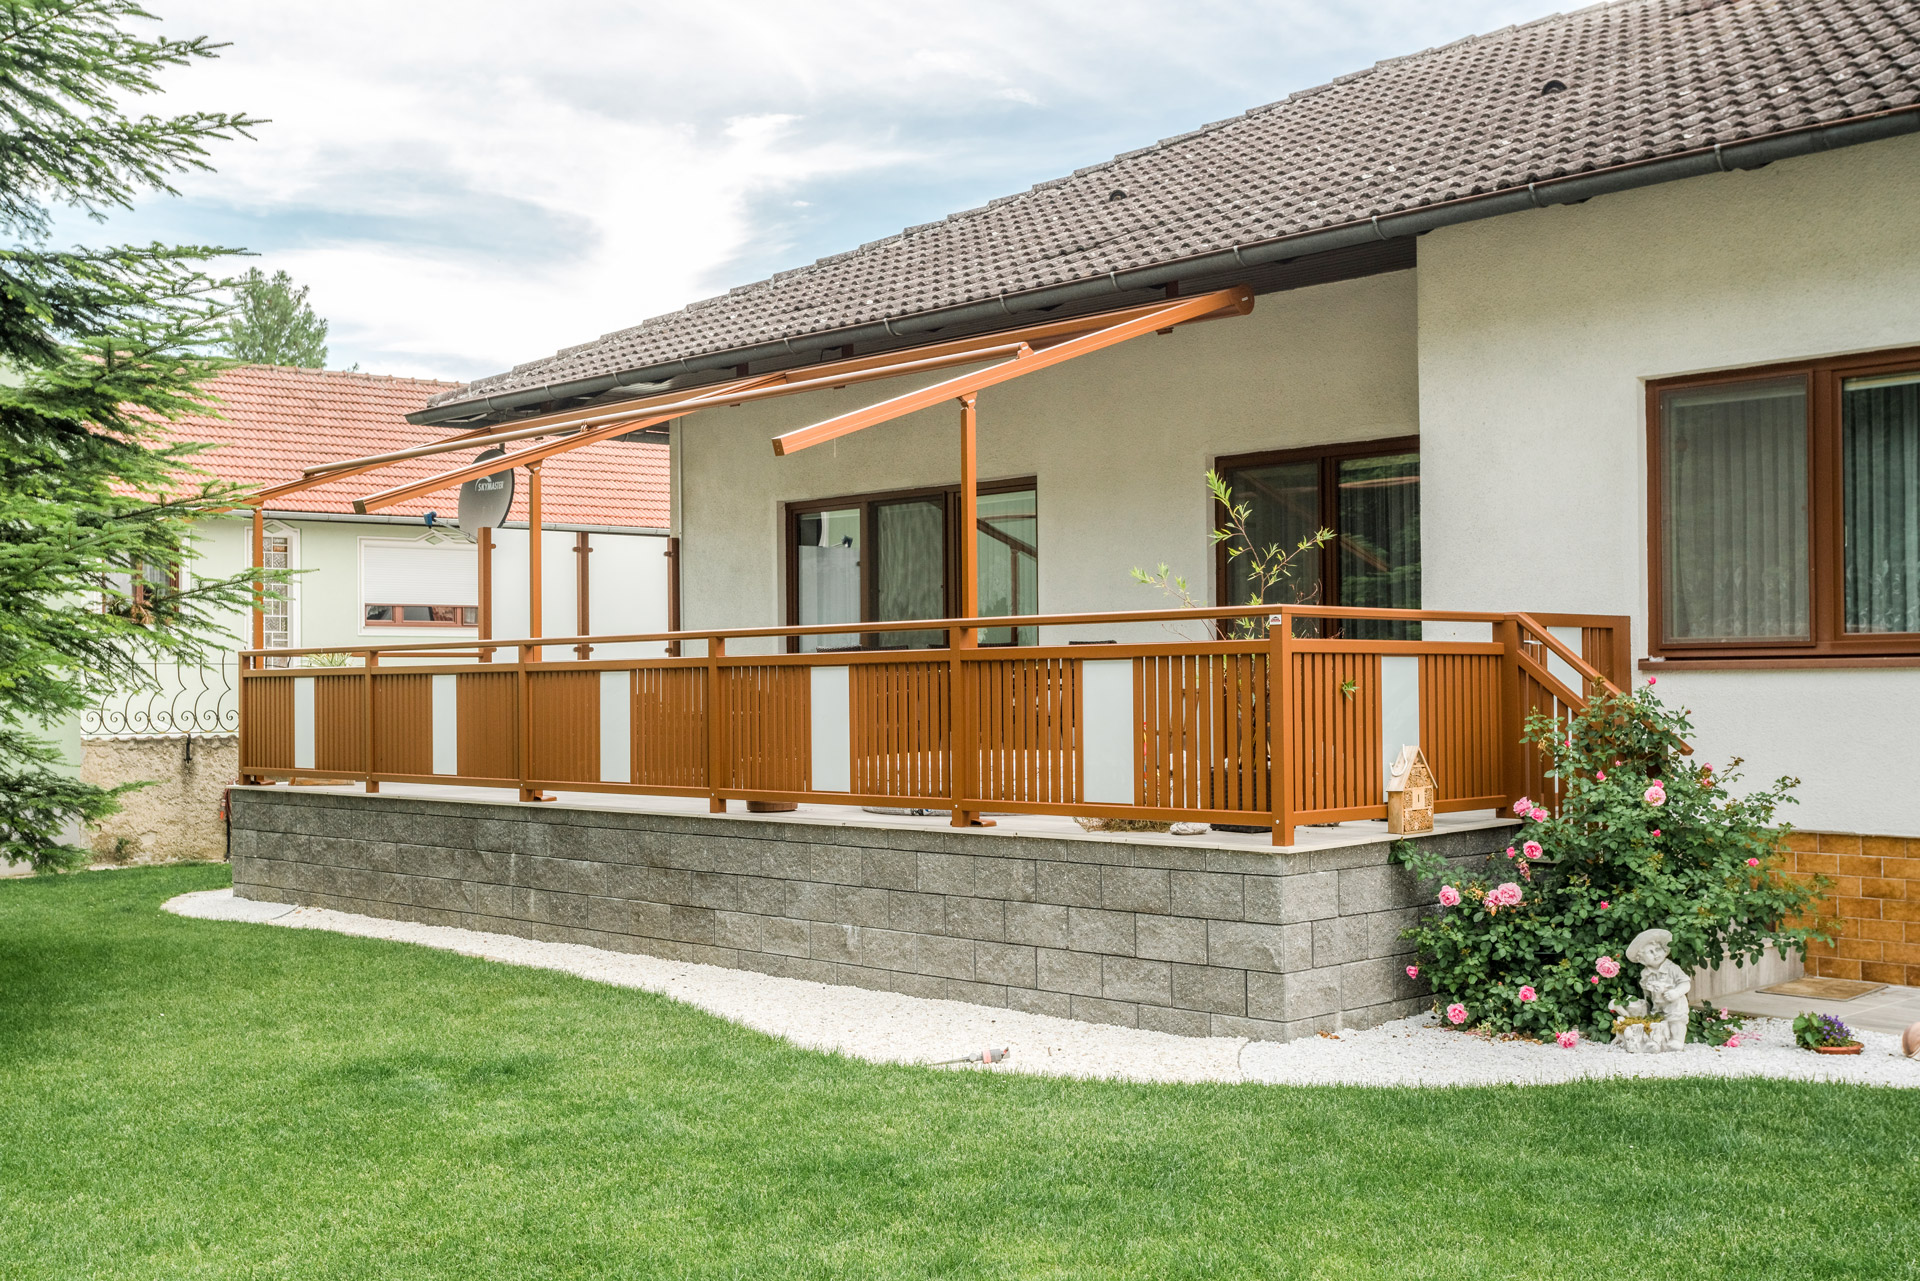 Krieglach 31 b | Aluminium-Terrassengeländer mit vertikaler brauner Lattung & Glas mittig | Svoboda